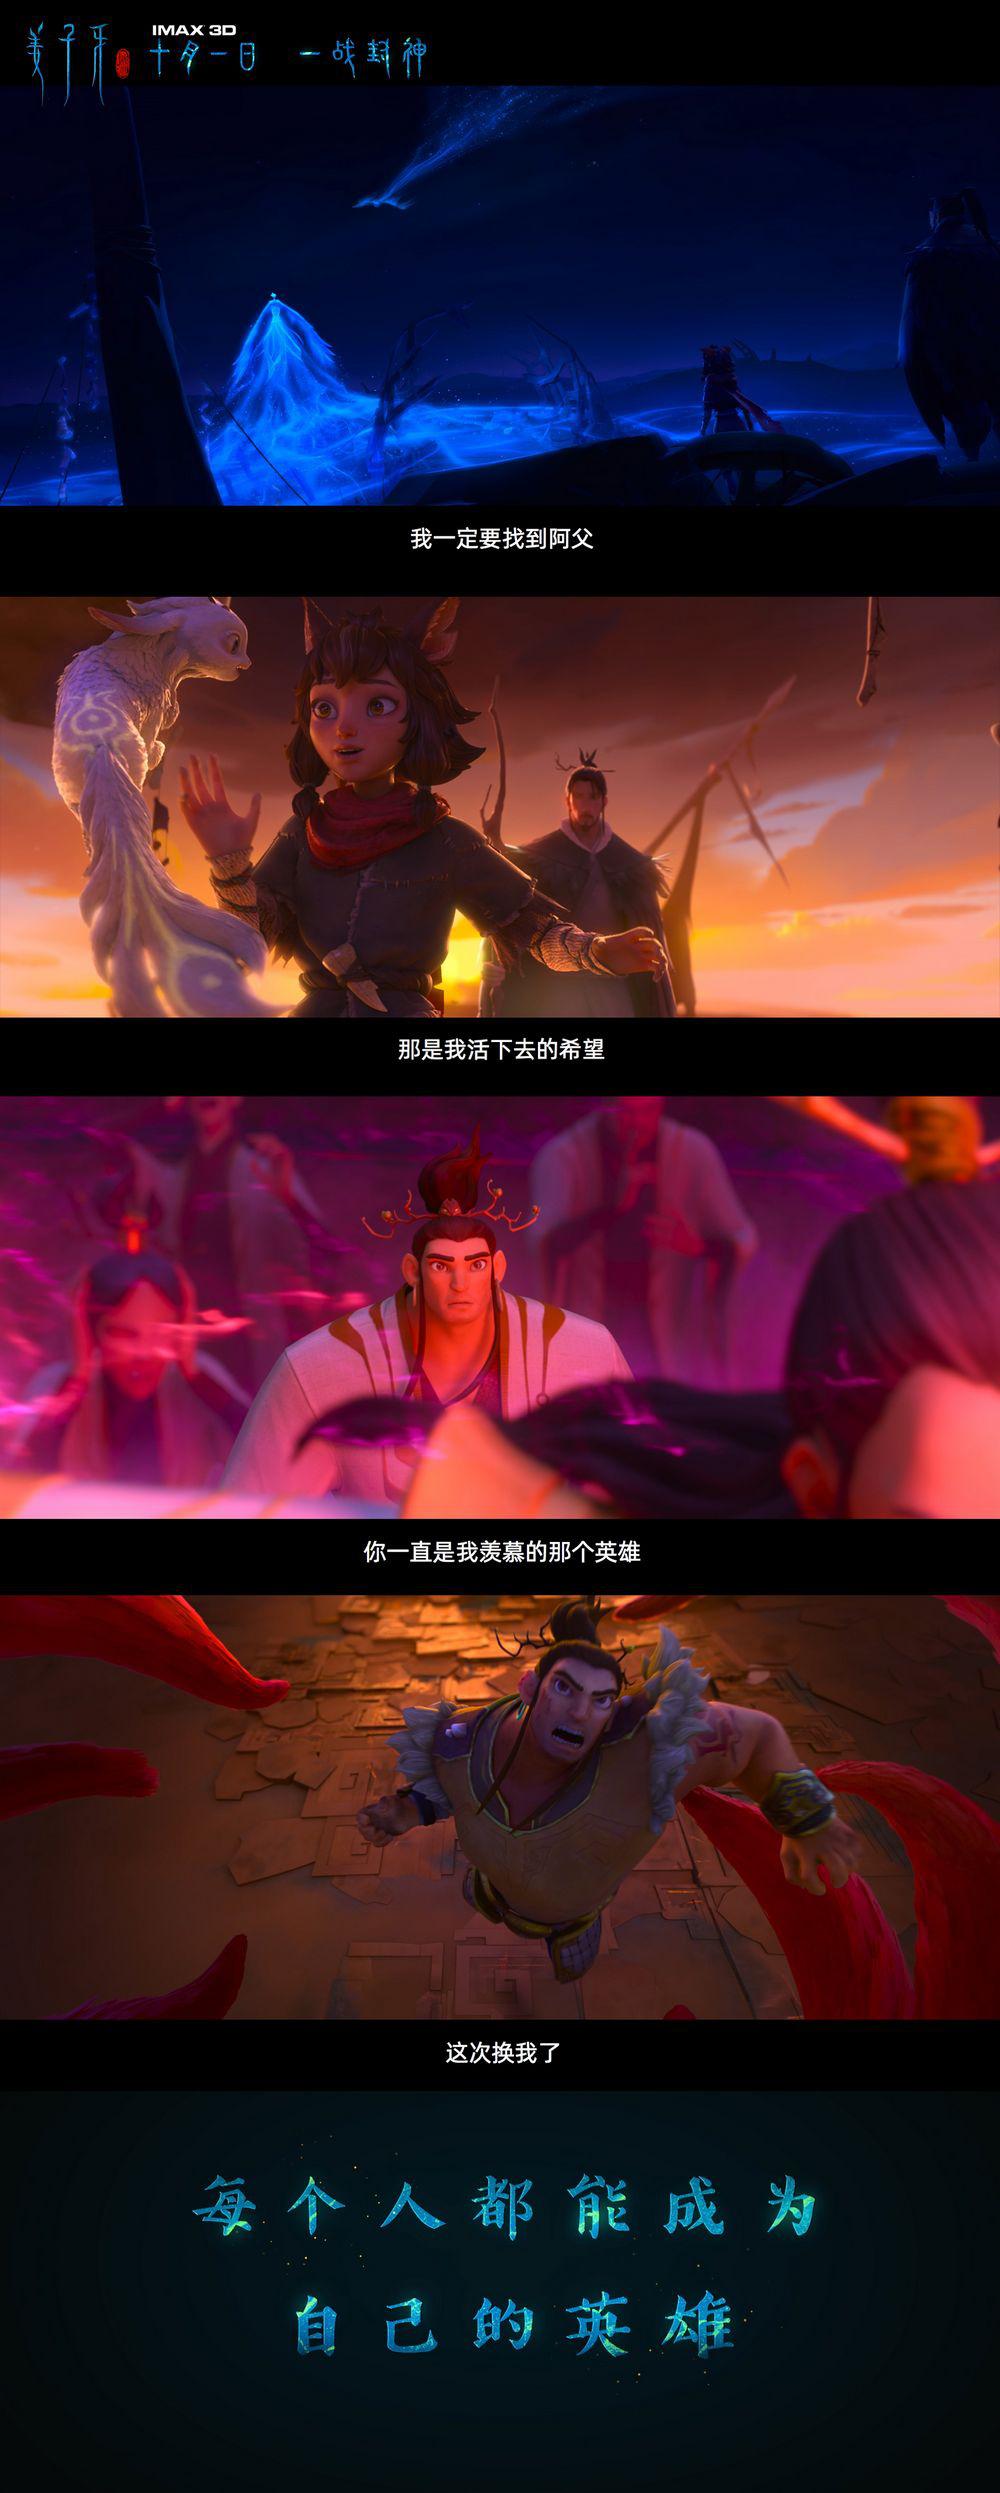 影戏《姜子牙》释最终预告 预售票房突破4500万 第2张